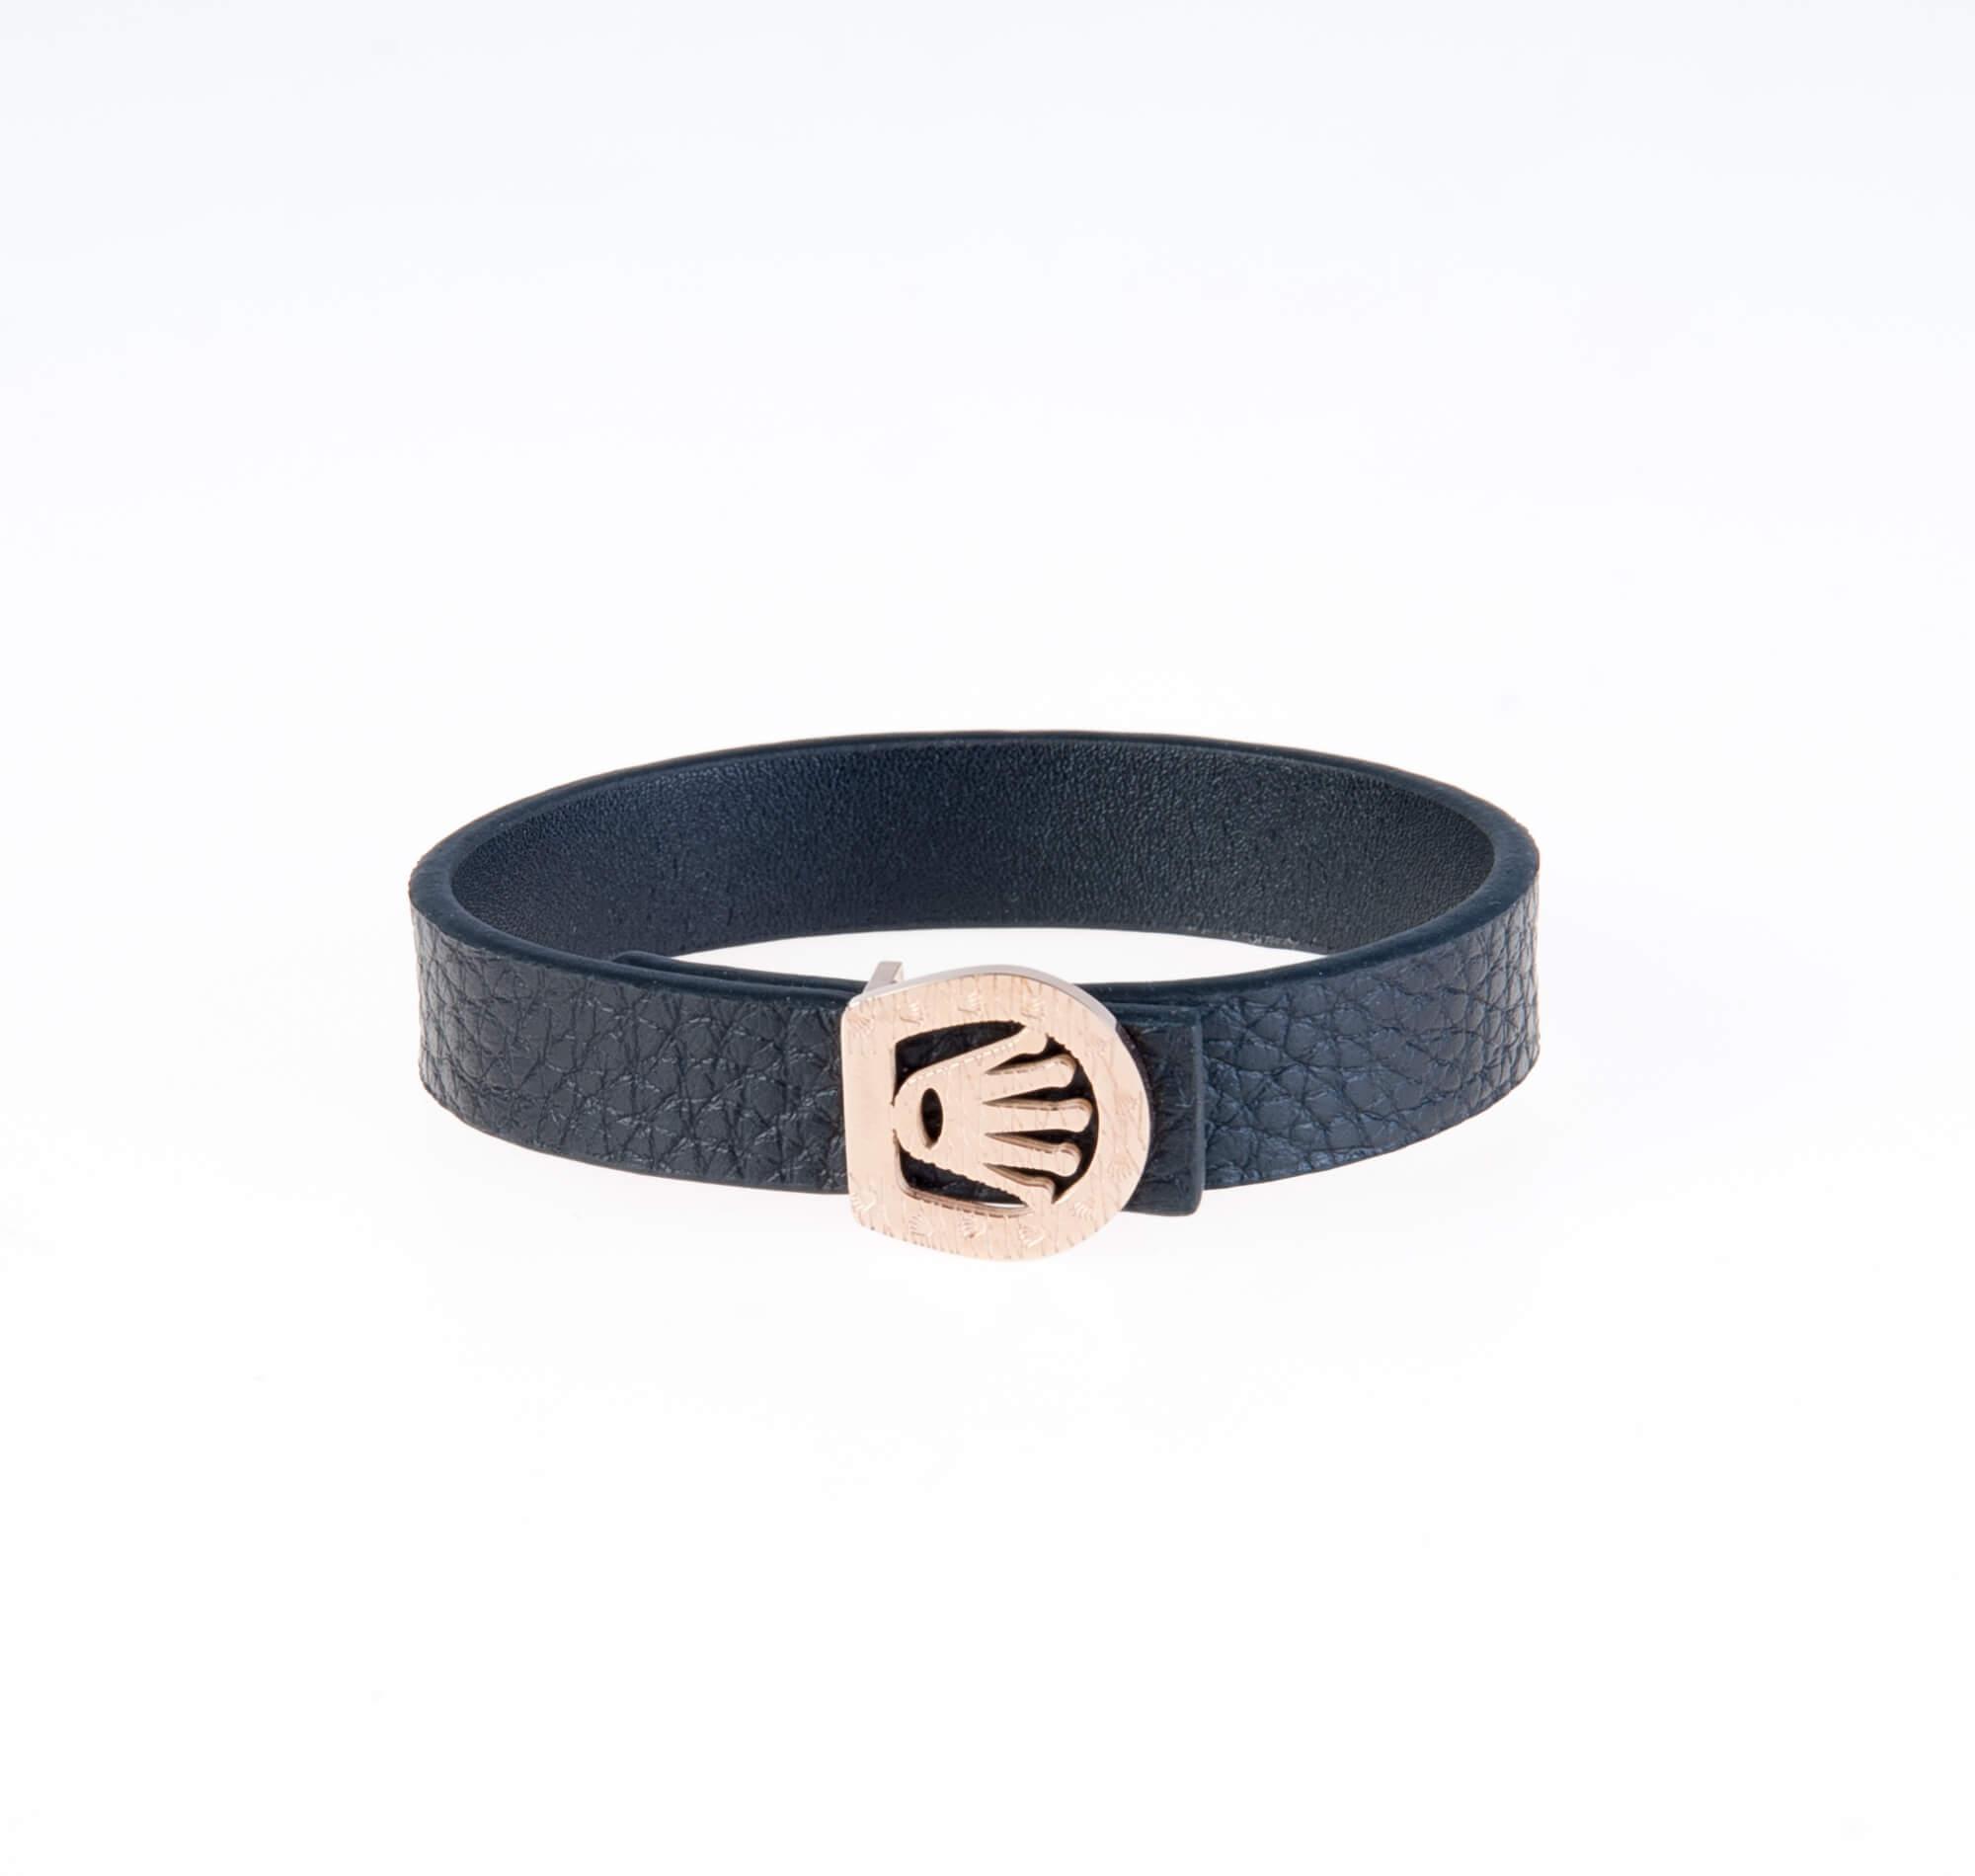 دستبند چرمی مشکی مردانه LM1008